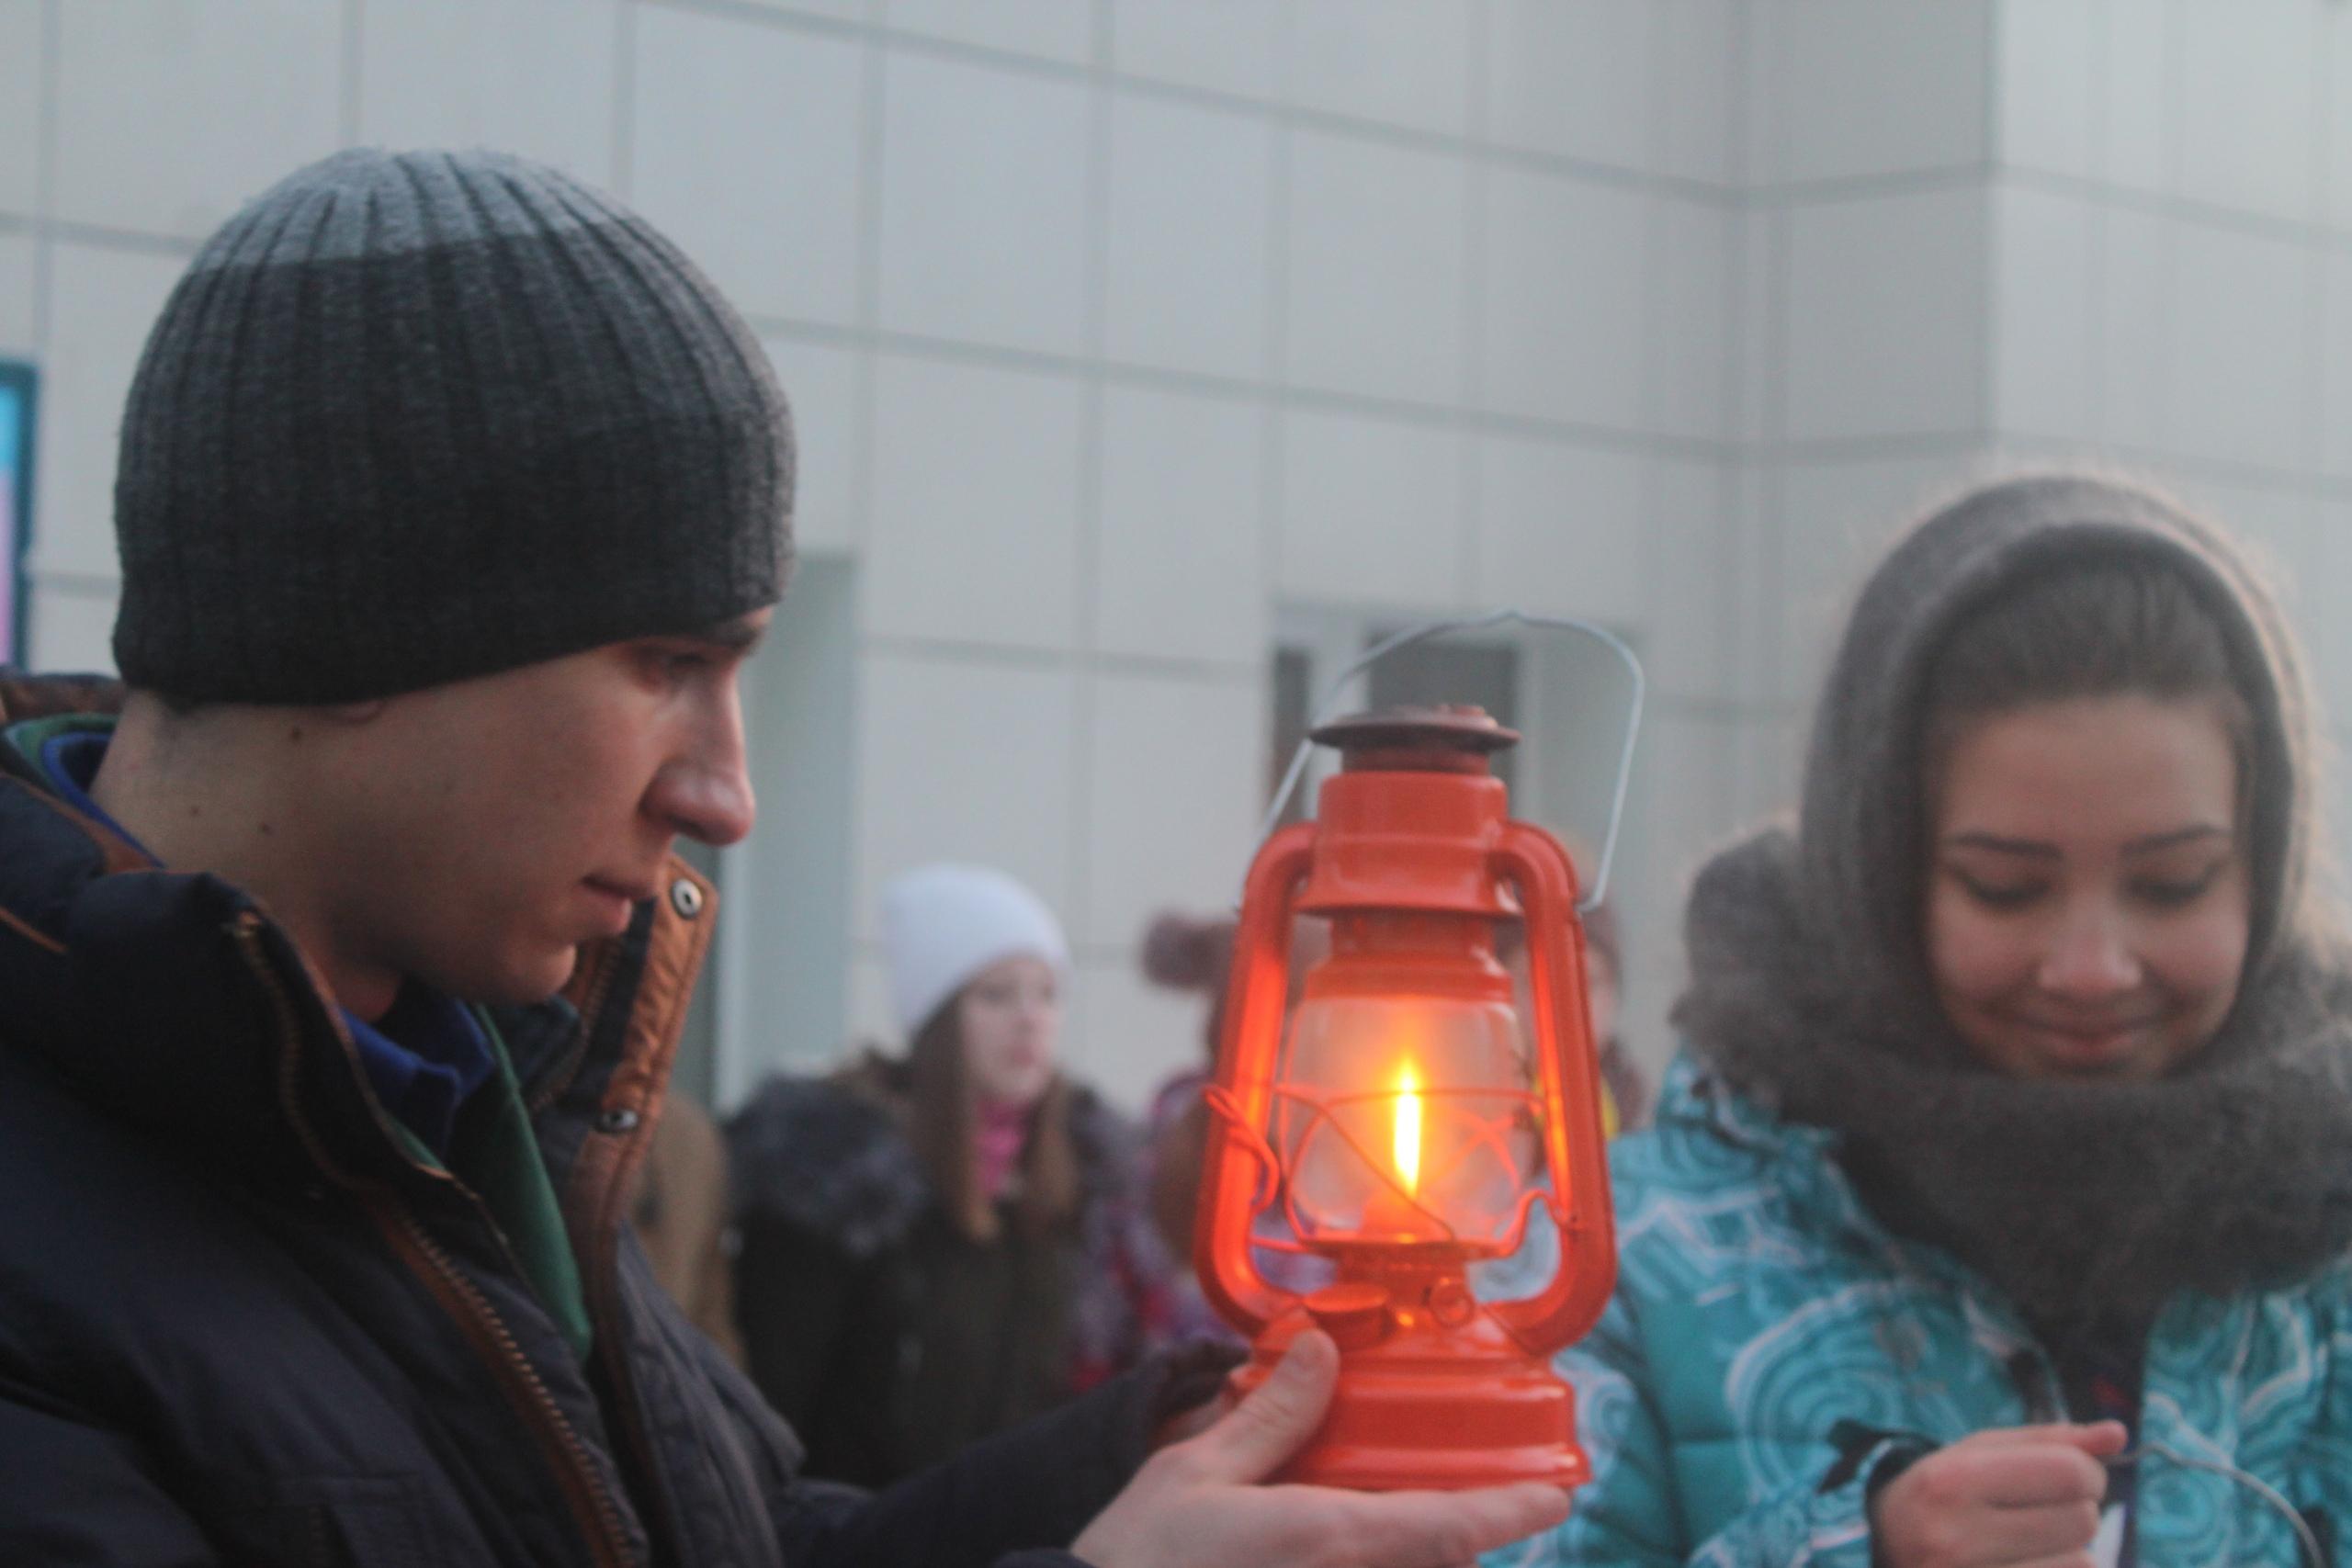 Рождественский лагерь кемеровских следопытов - в гостях в Екатеринбурге